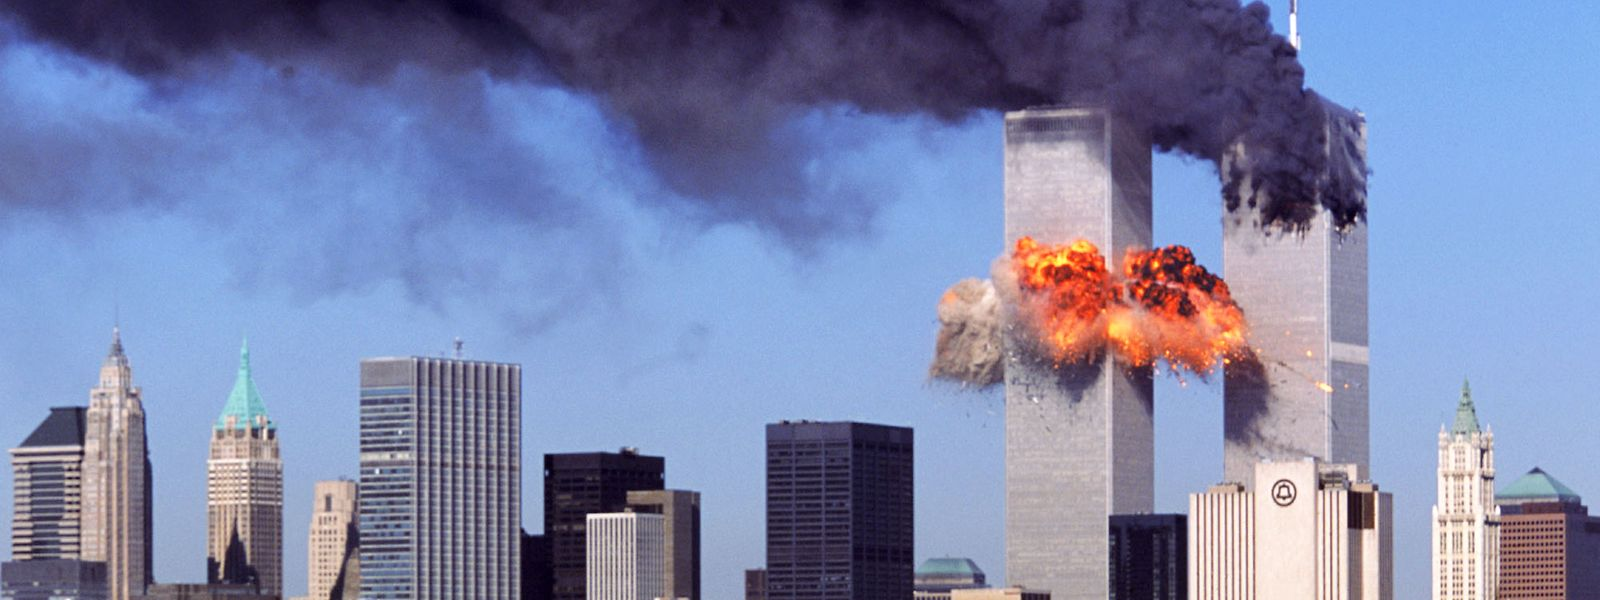 Die Anschläge auf die beiden Zwillingstürme des World Trade Center in New York am 11. September 2001 markieren einen Wendepunkt der Zeitgeschichte.